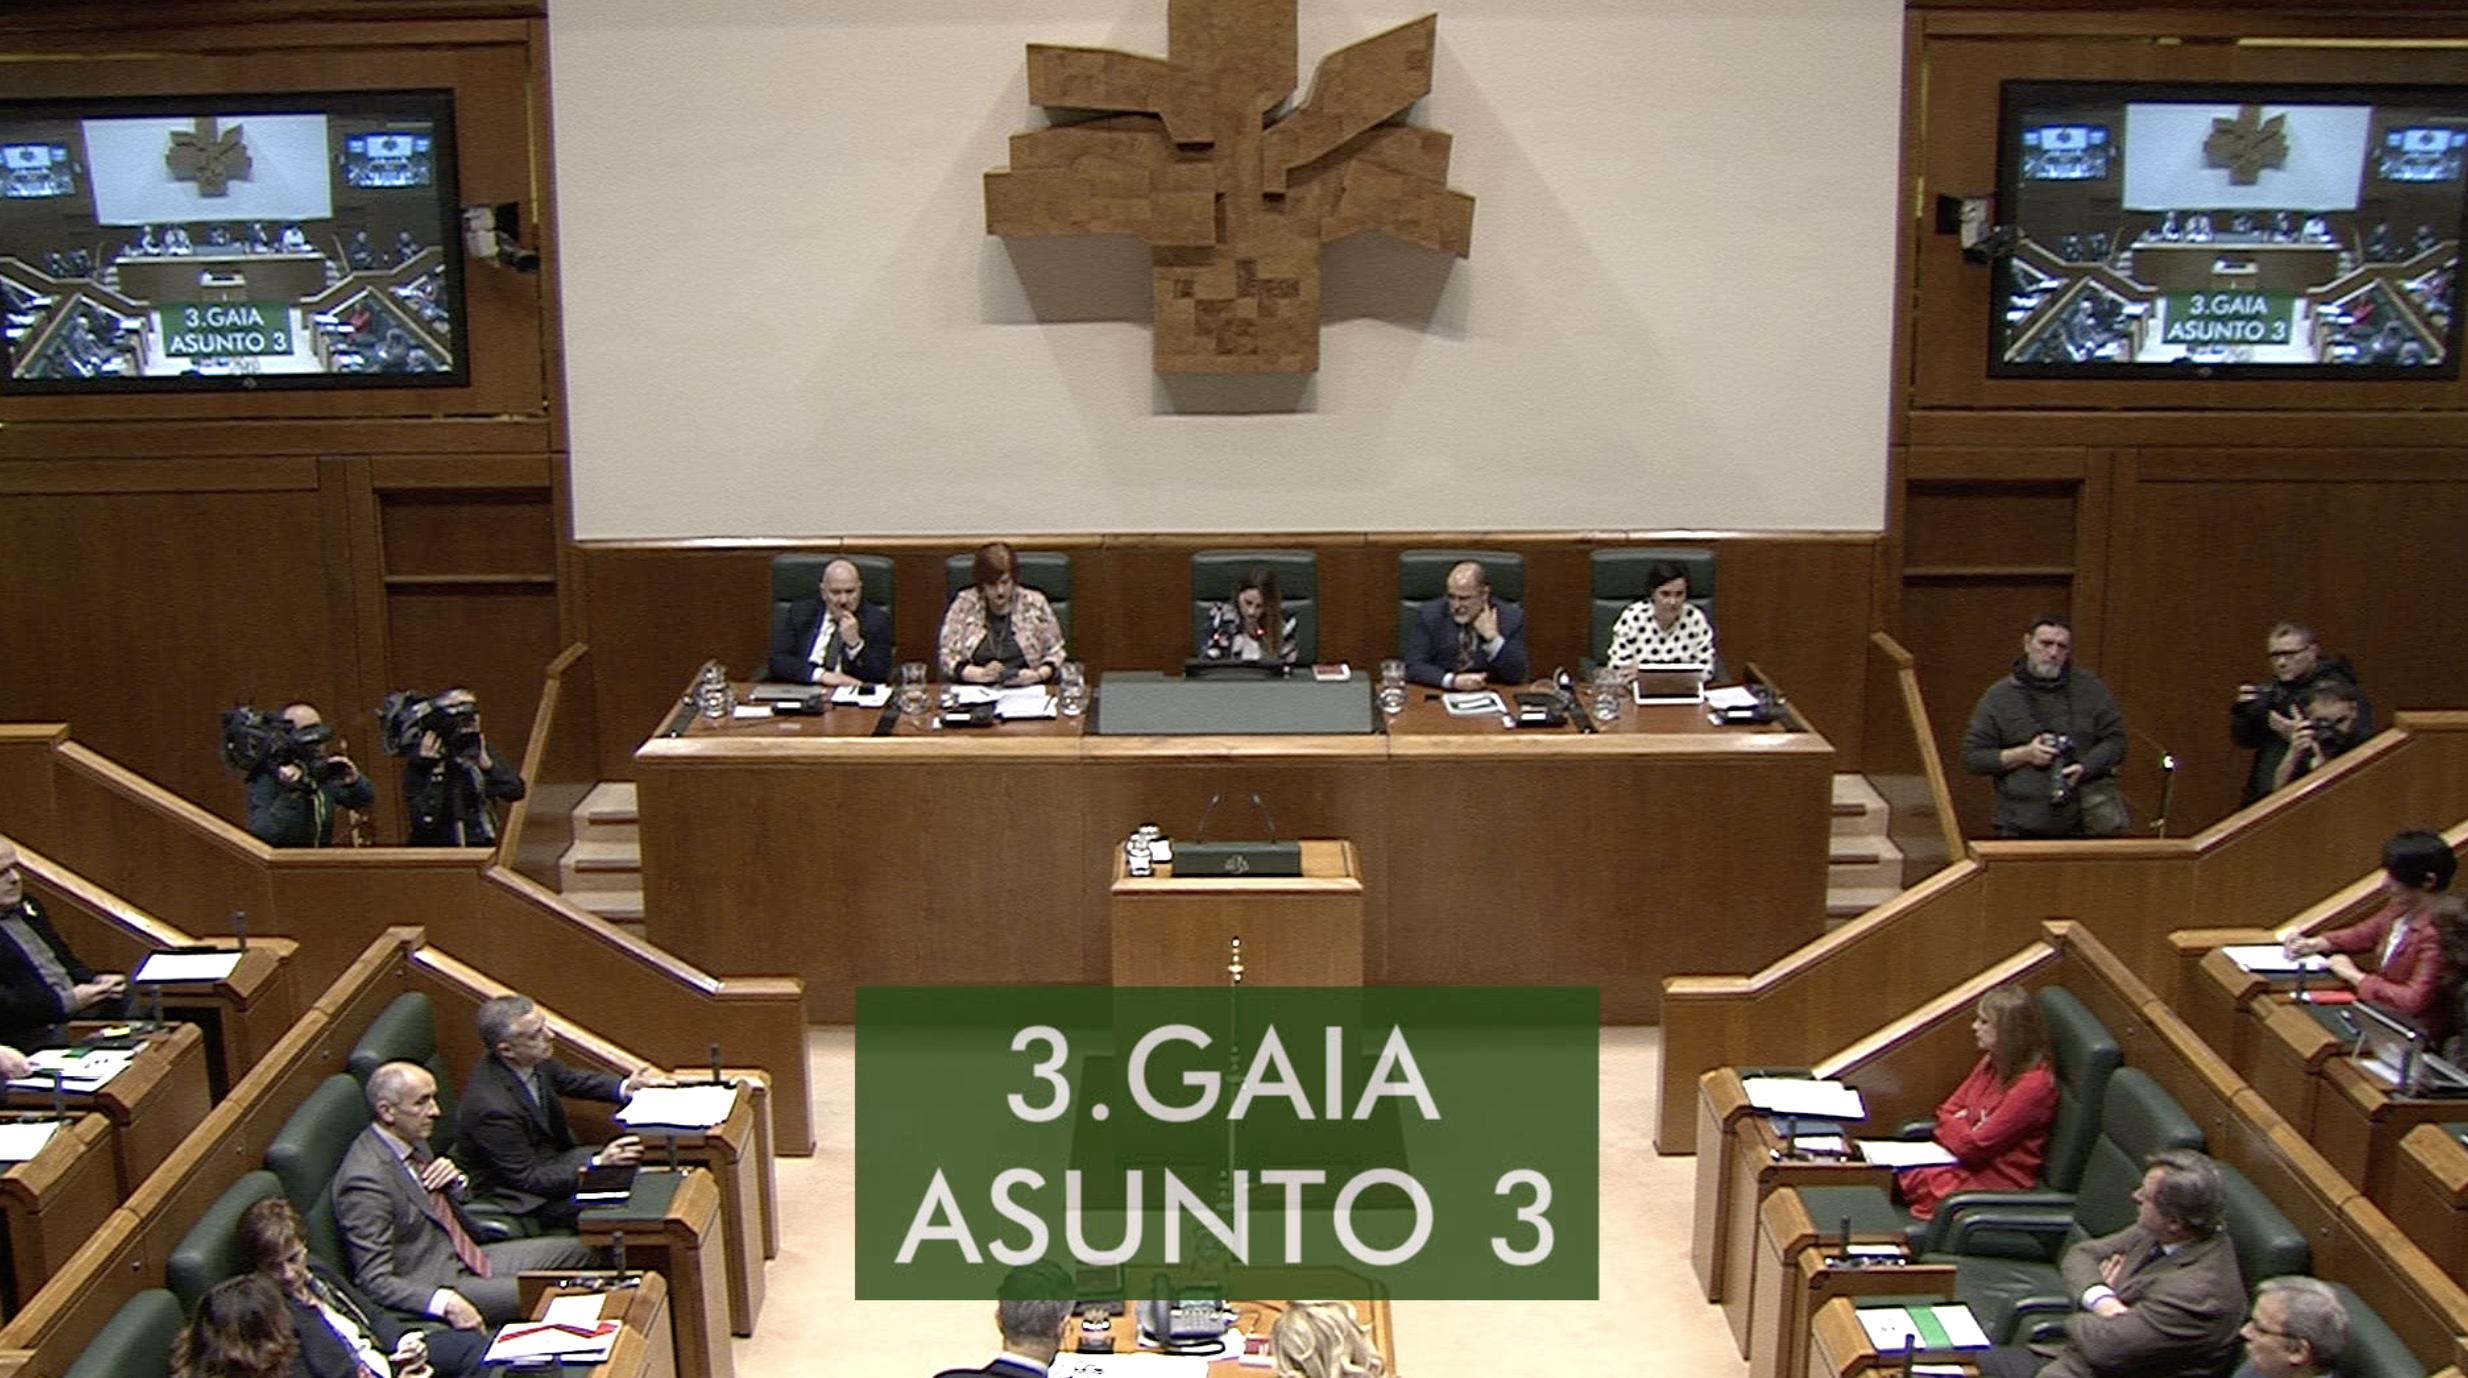 Galdera, Lander Martínez Hierro Elkarrekin Podemos taldeko legebiltzarkideak lehendakariari egina, Euskadiko mobilizazio-zikloari buruz